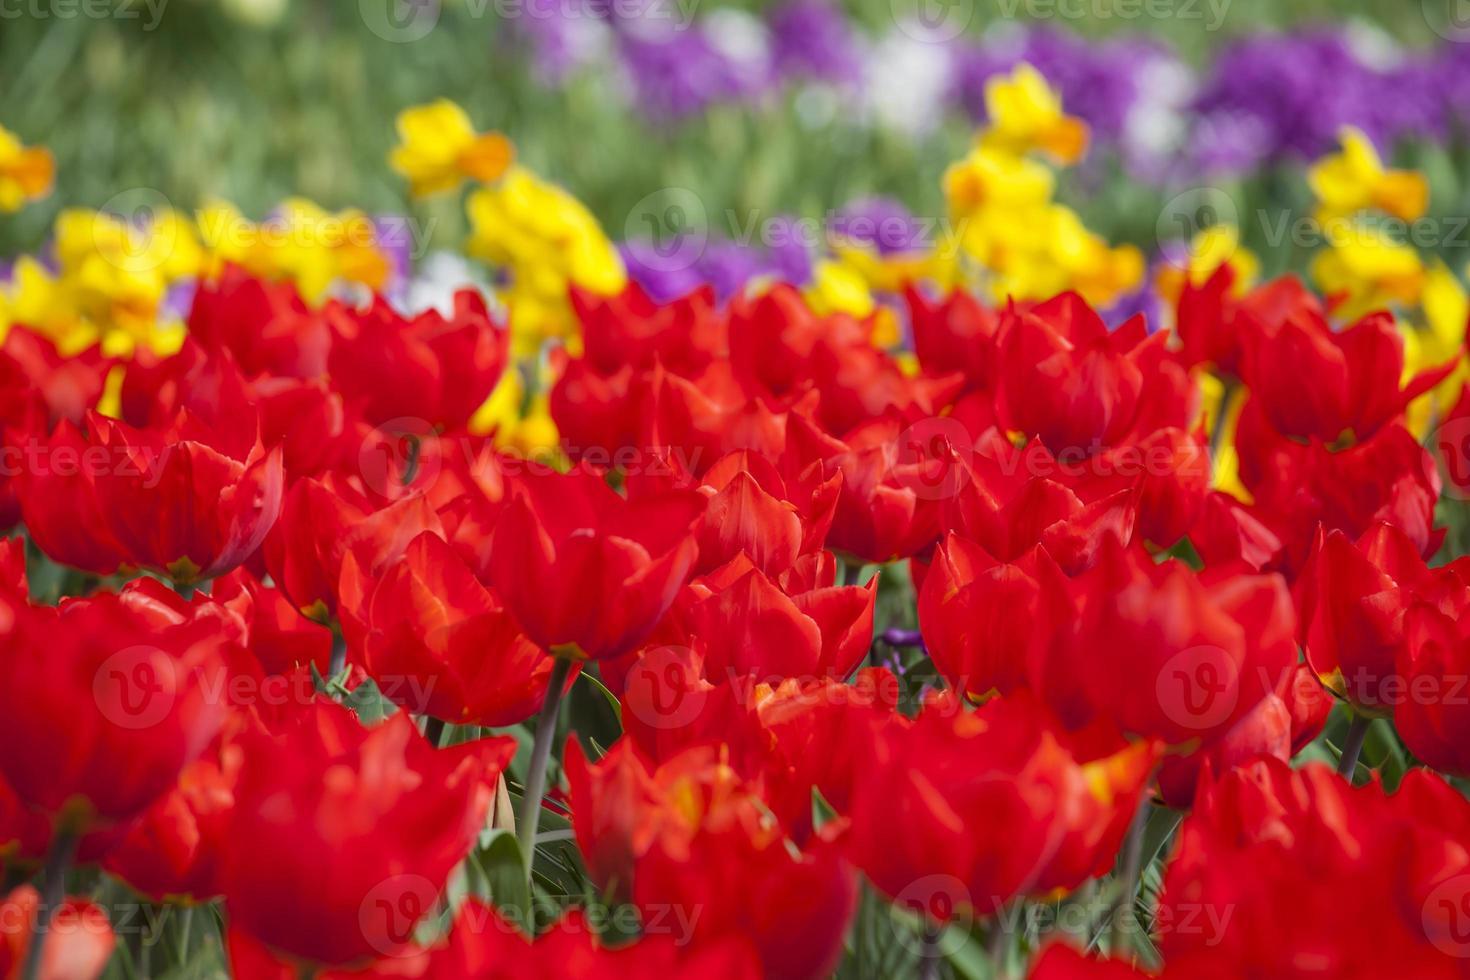 les tulipes rouges en fleurs photo